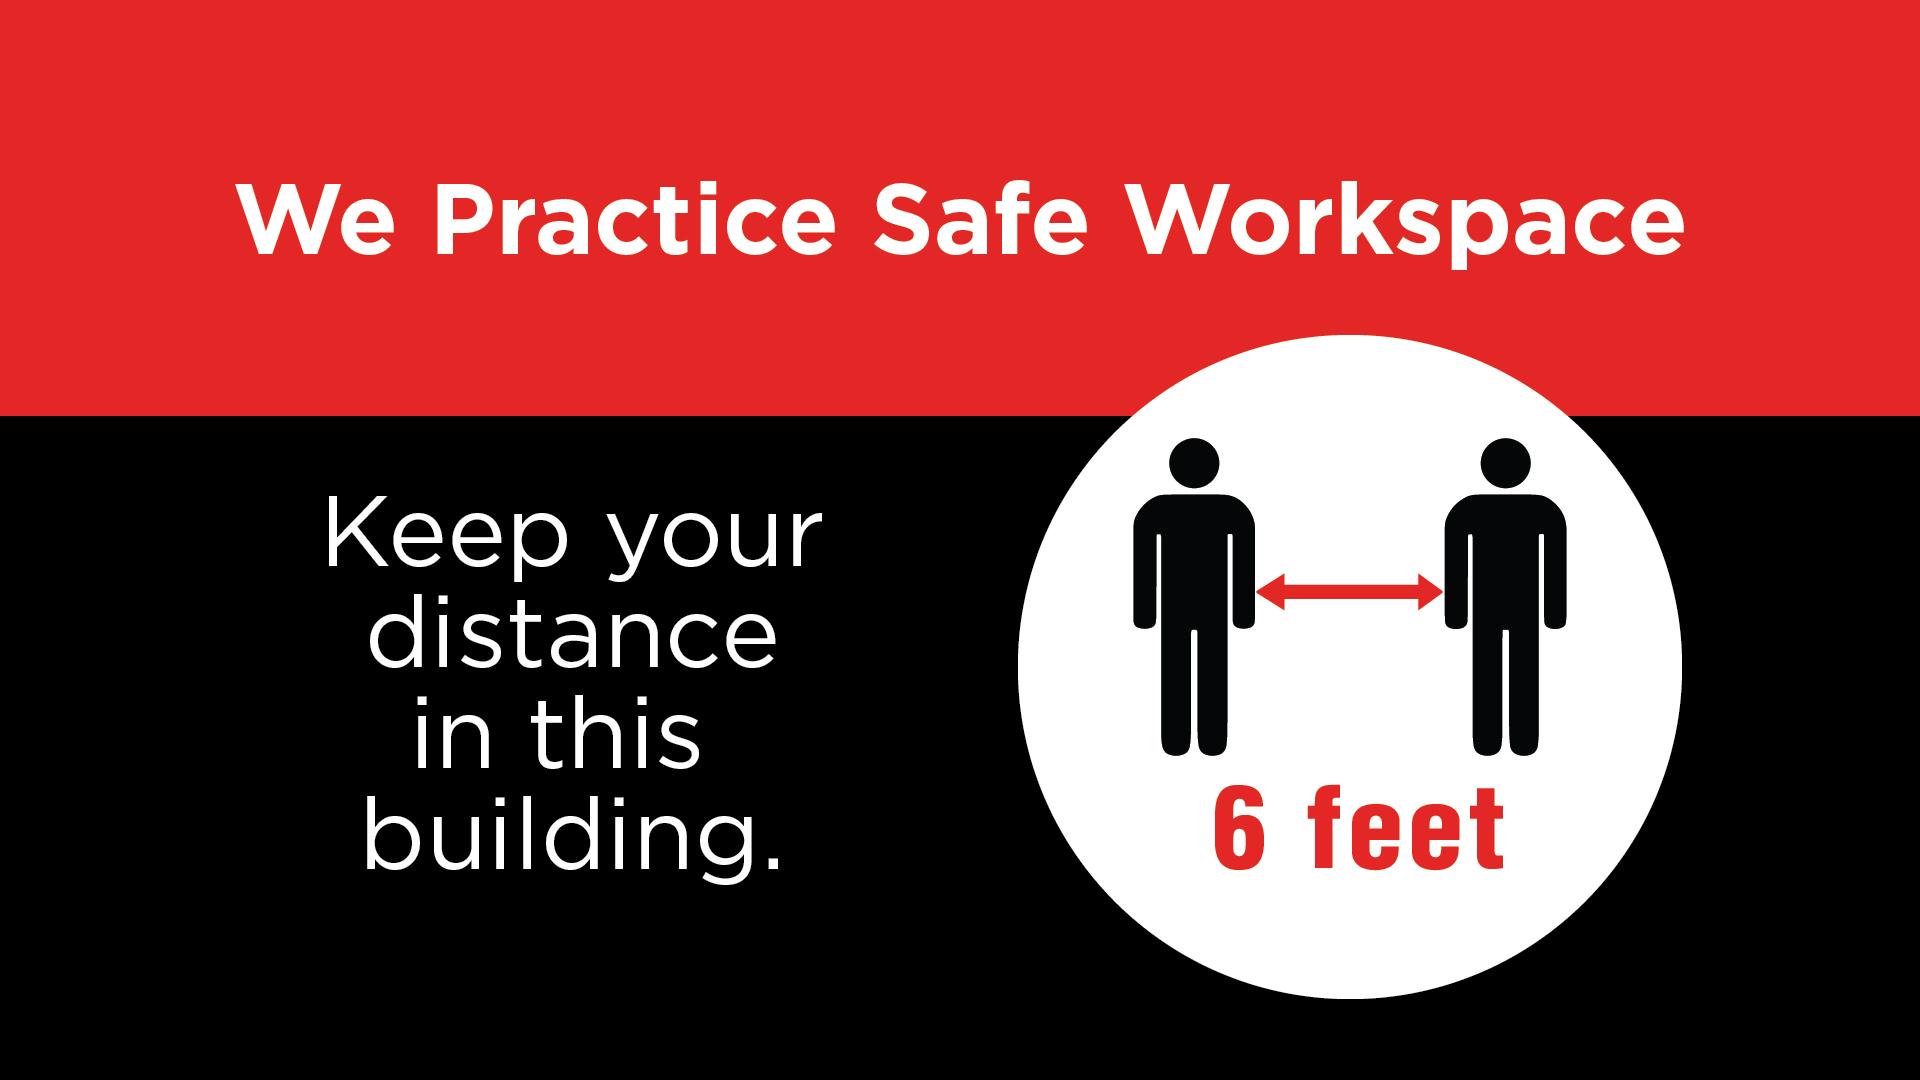 Safe Workspace - Keep Your Distance Digital Signage Image